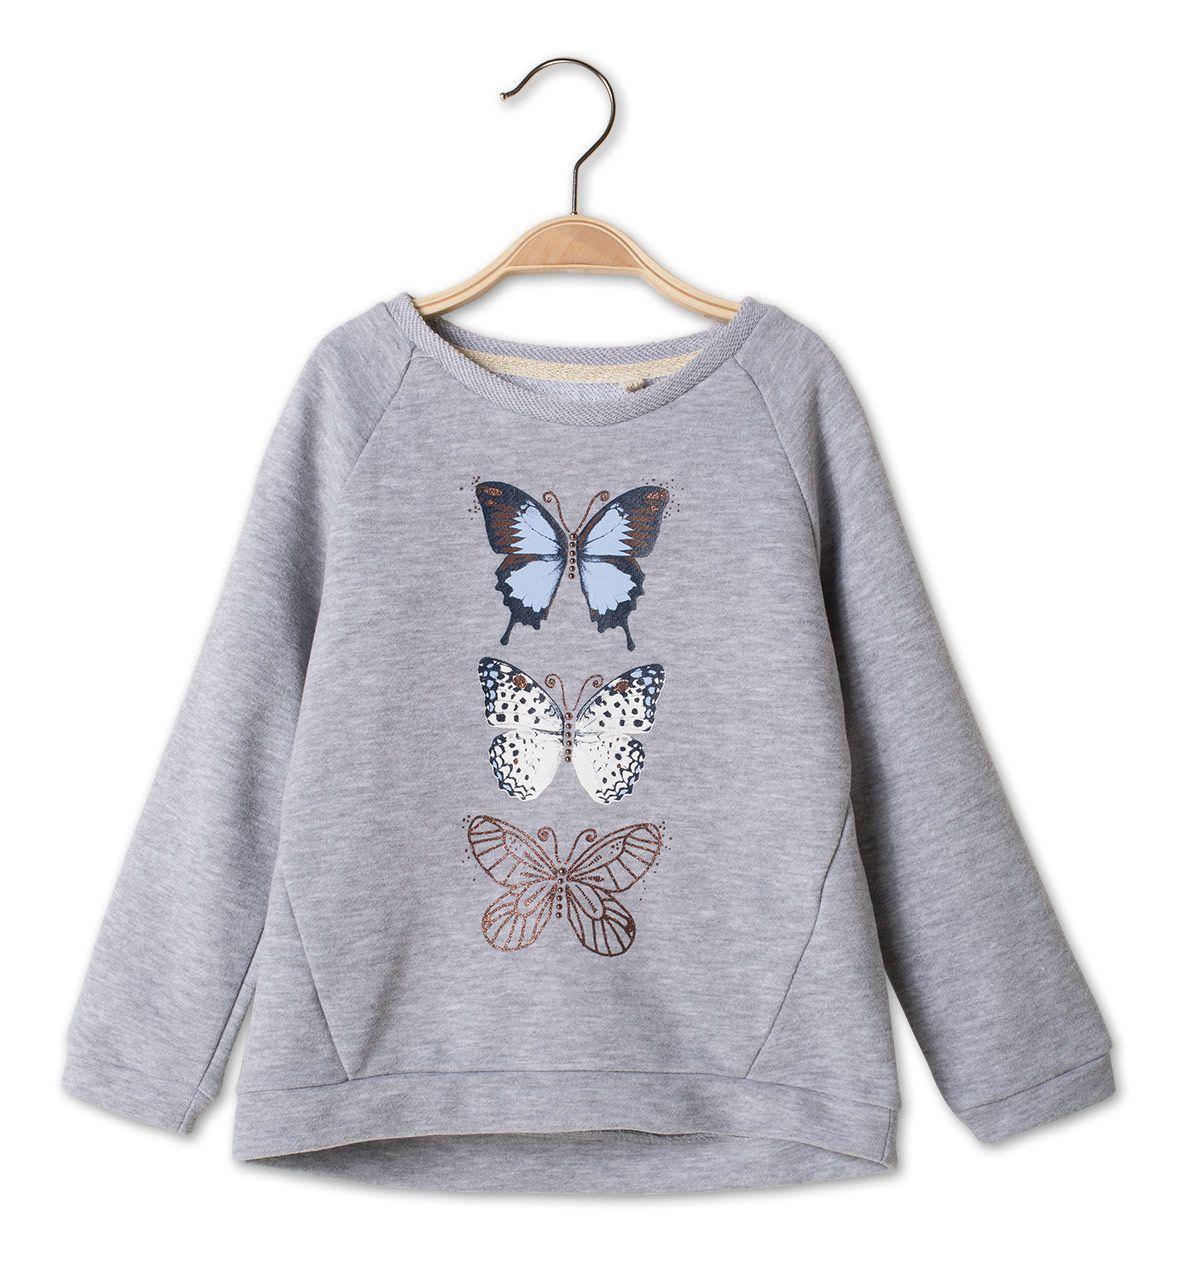 Madchen Gr 92 176 Sweatshirt In Grau Mode Gunstig Online Kaufen C A Graue Mode Sweatshirt Mode